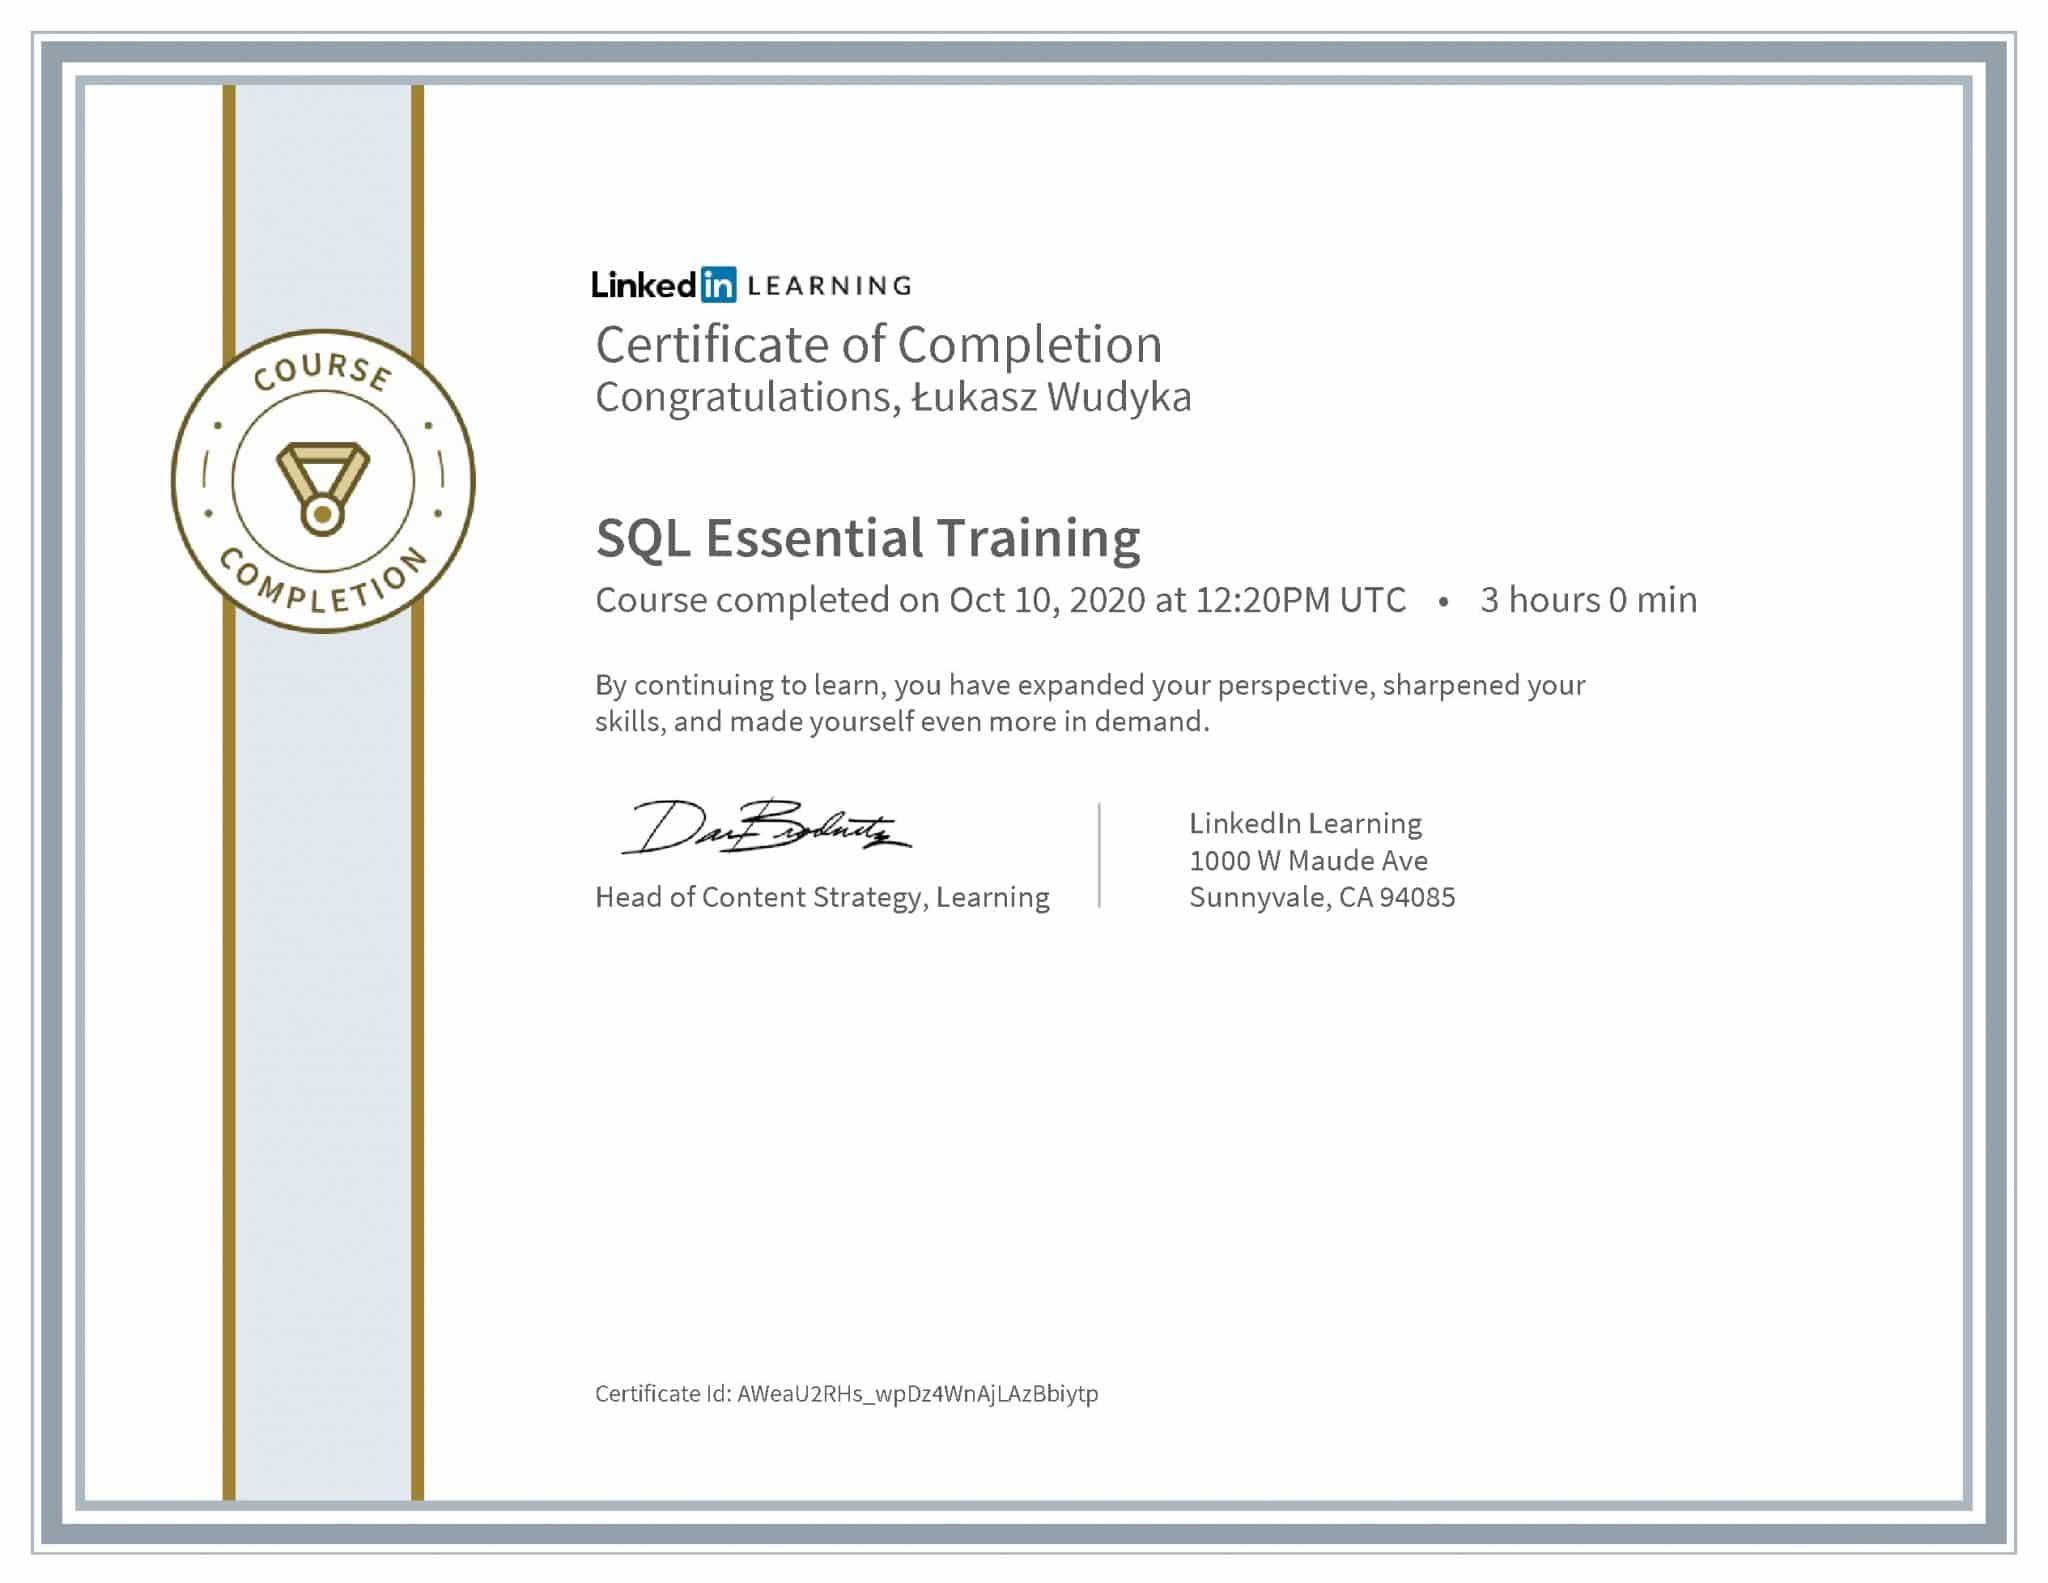 Łukasz Wudyka certyfikat LinkedIn SQL Essential Training